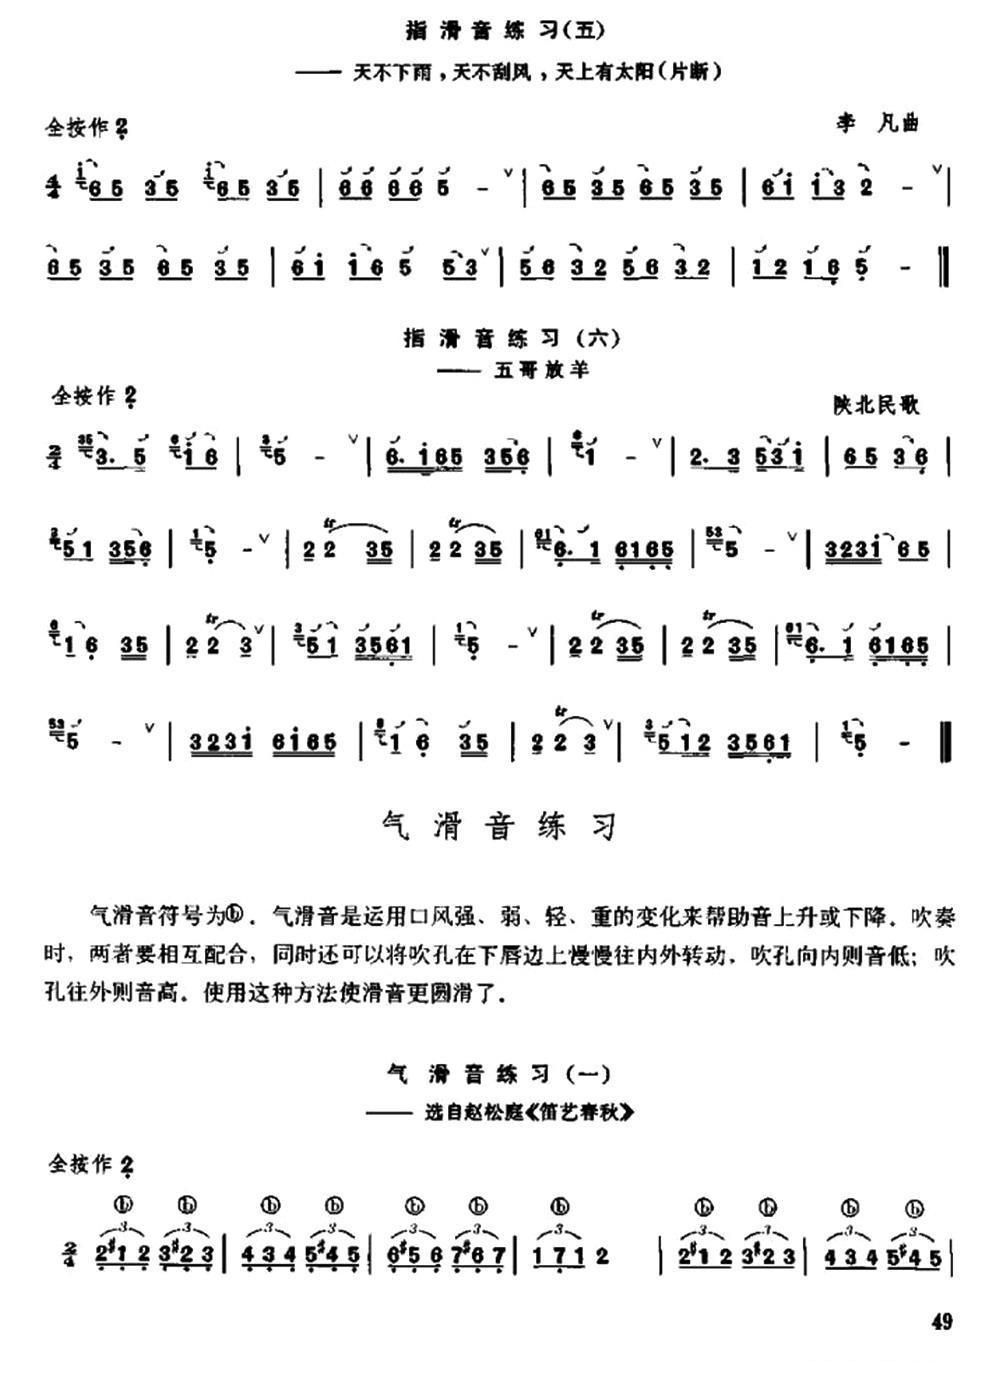 下载:笛子滑音练习笛子(箫)曲谱(图3)-笛子滑音练习